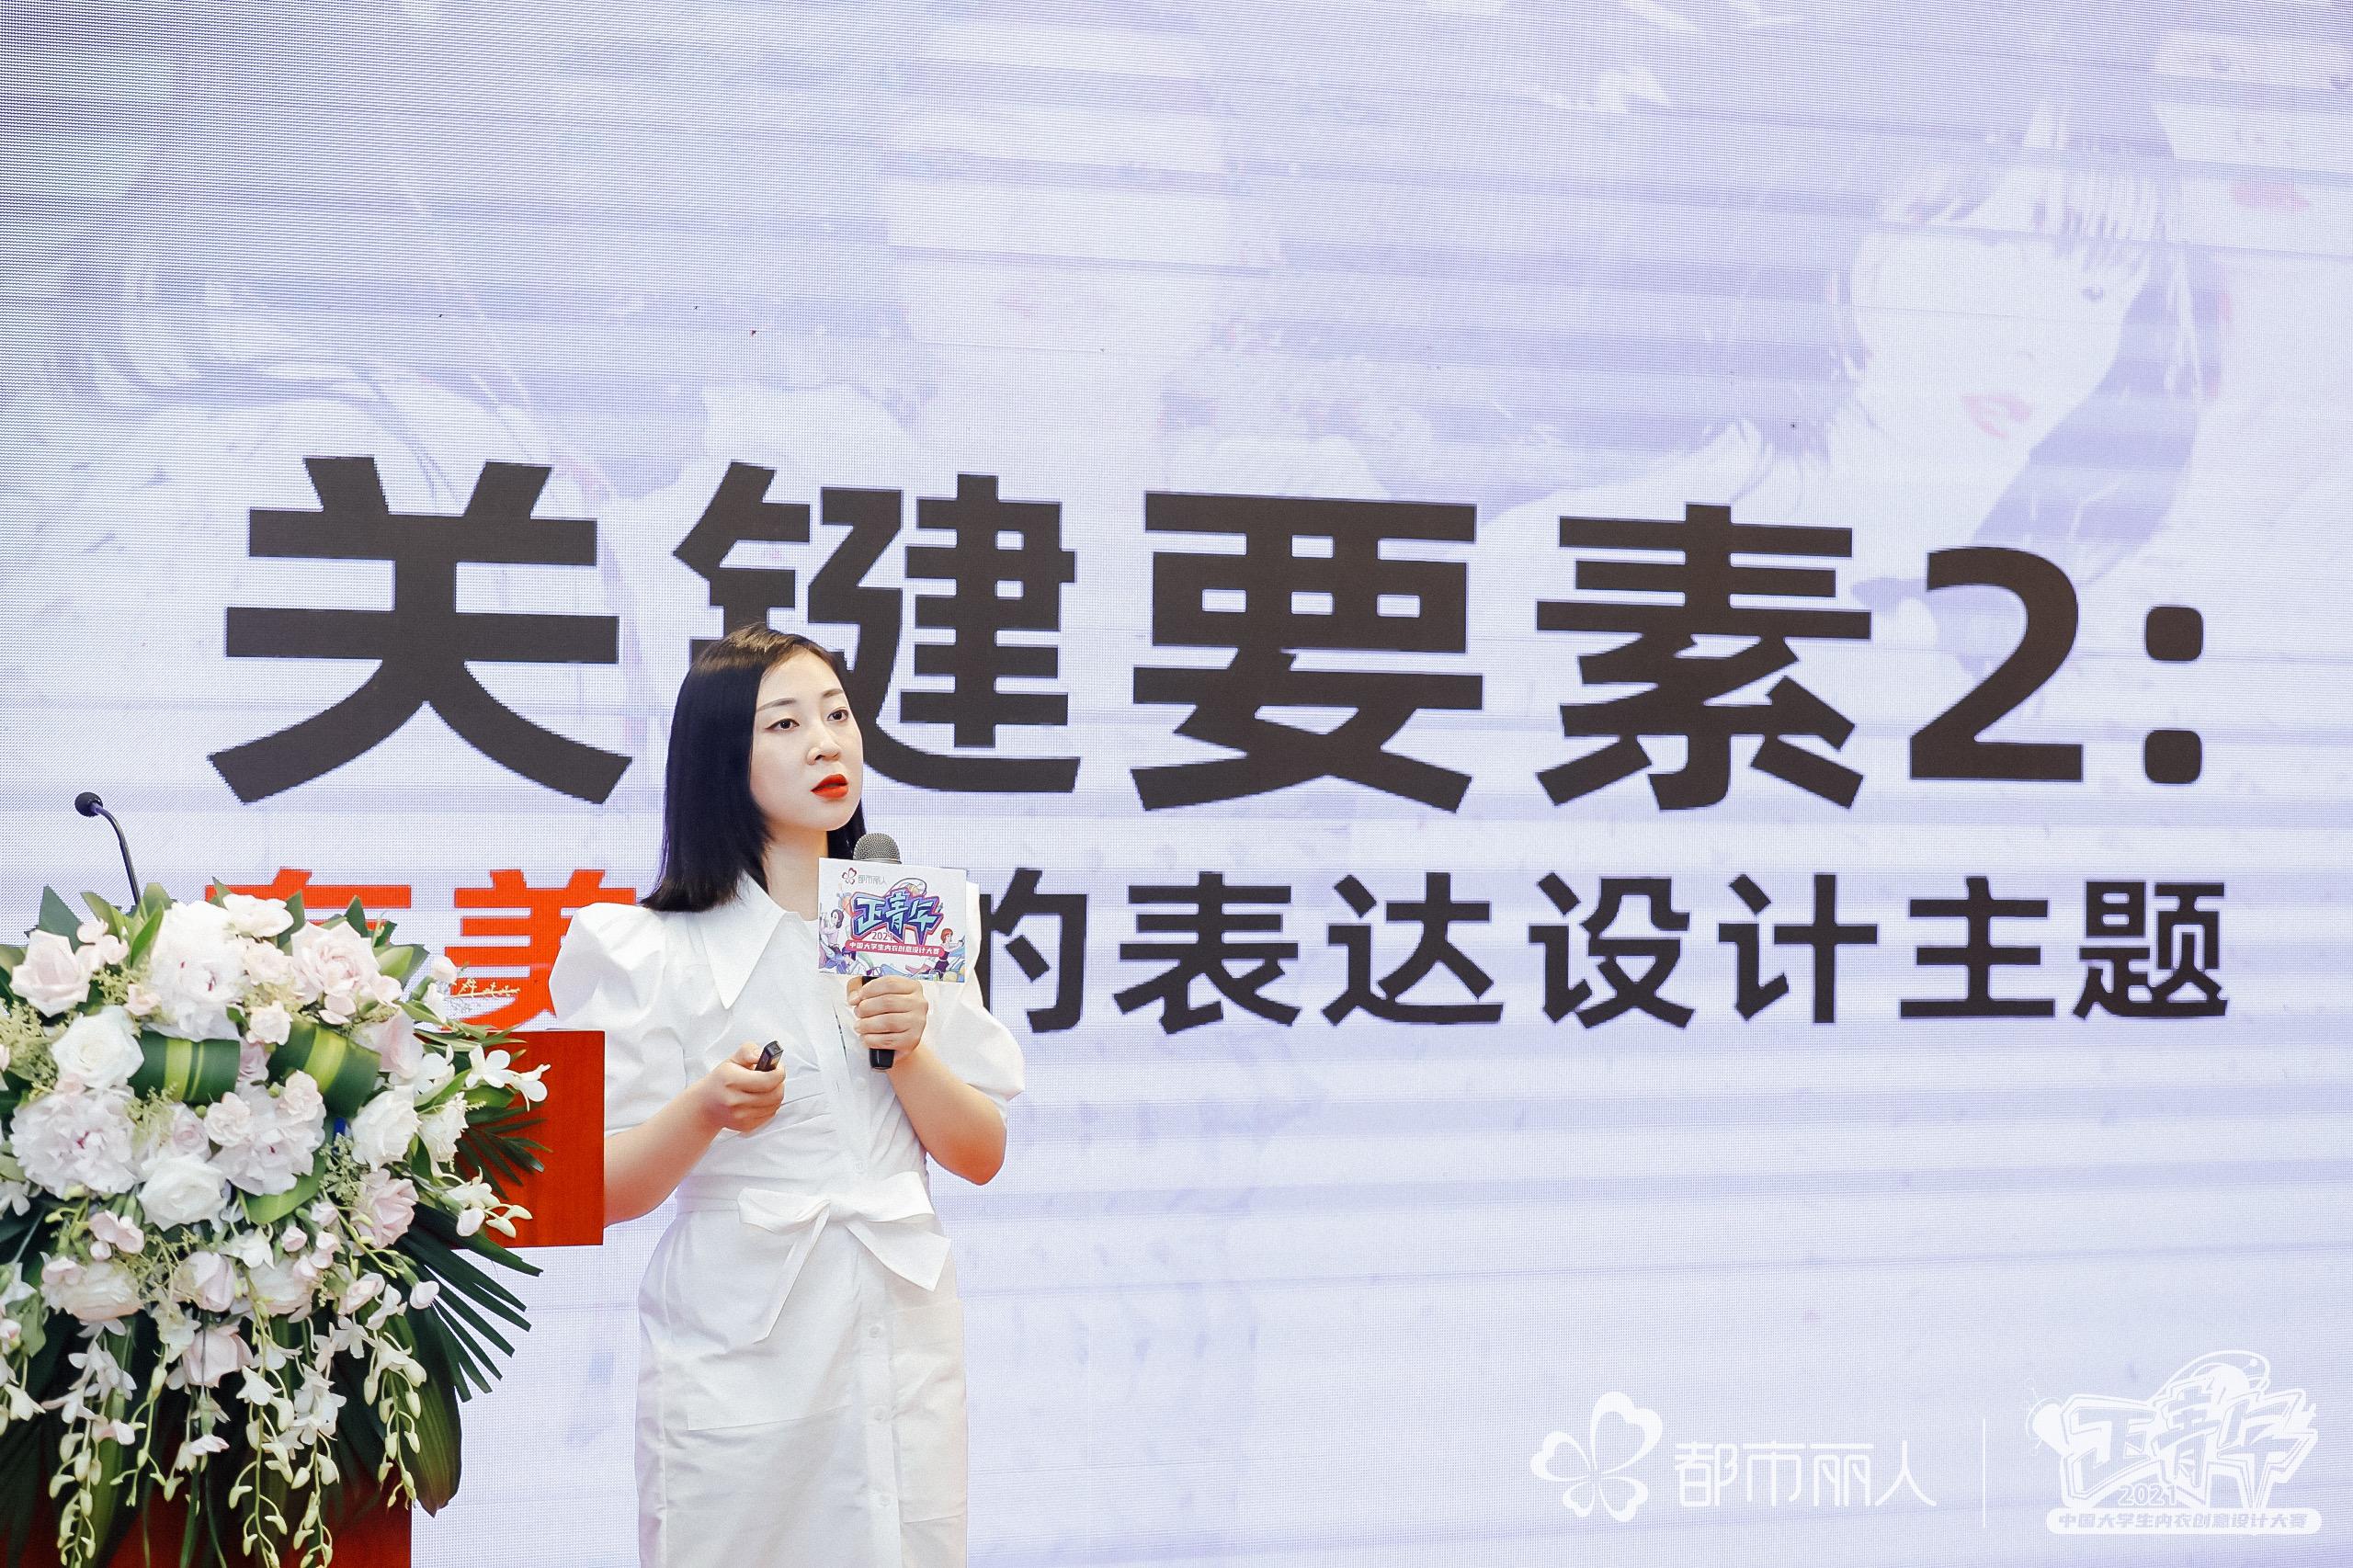 知名设计师刘彦君从设计心得、参赛心态等方面进行专题分享。